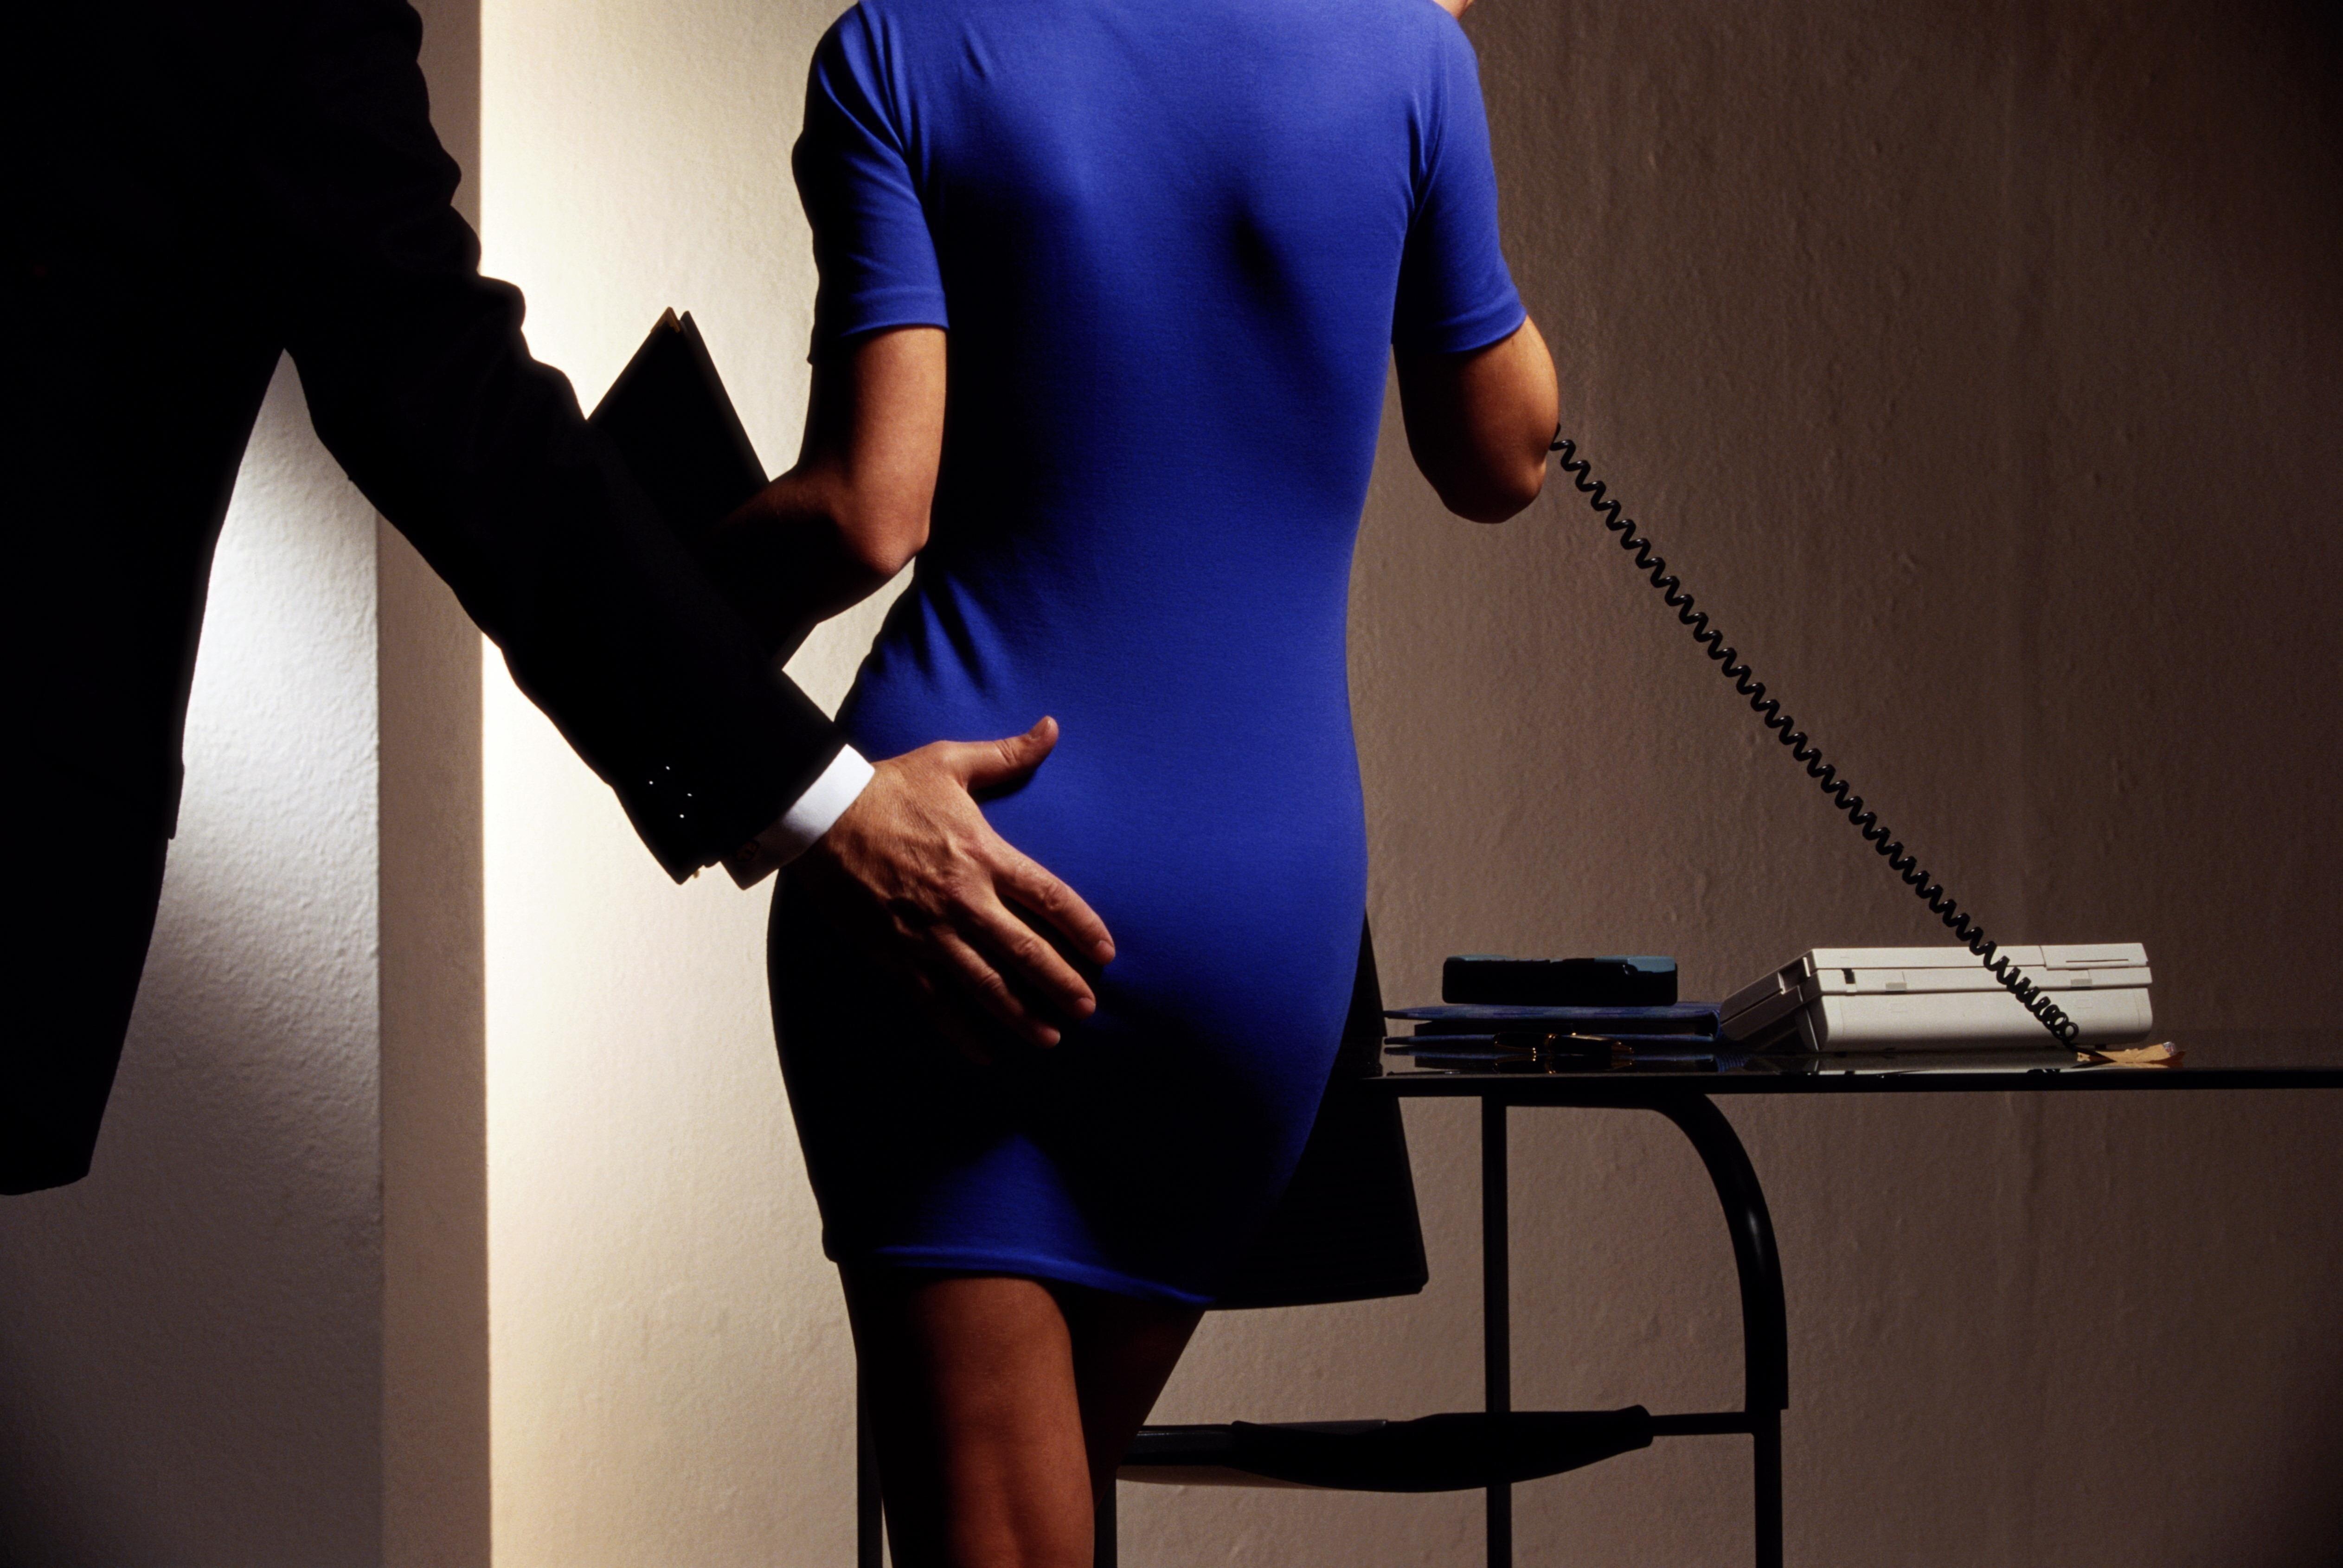 Начальник деревенского совета занялся любовью со своей секретаршей во время конференции